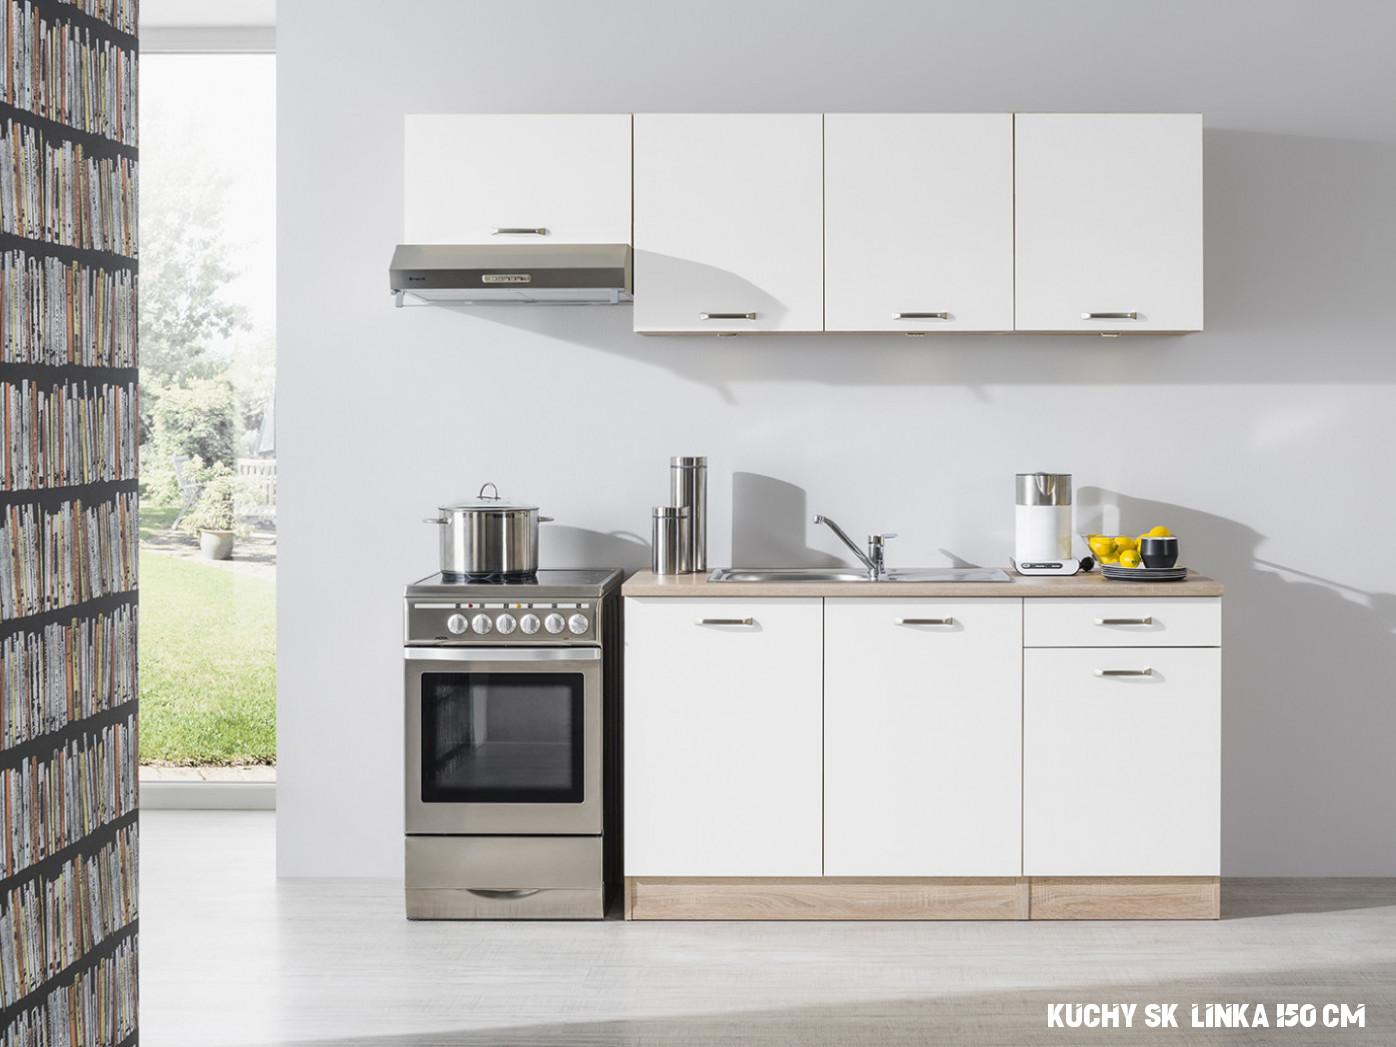 Kuchyňská Linka 150 Cm